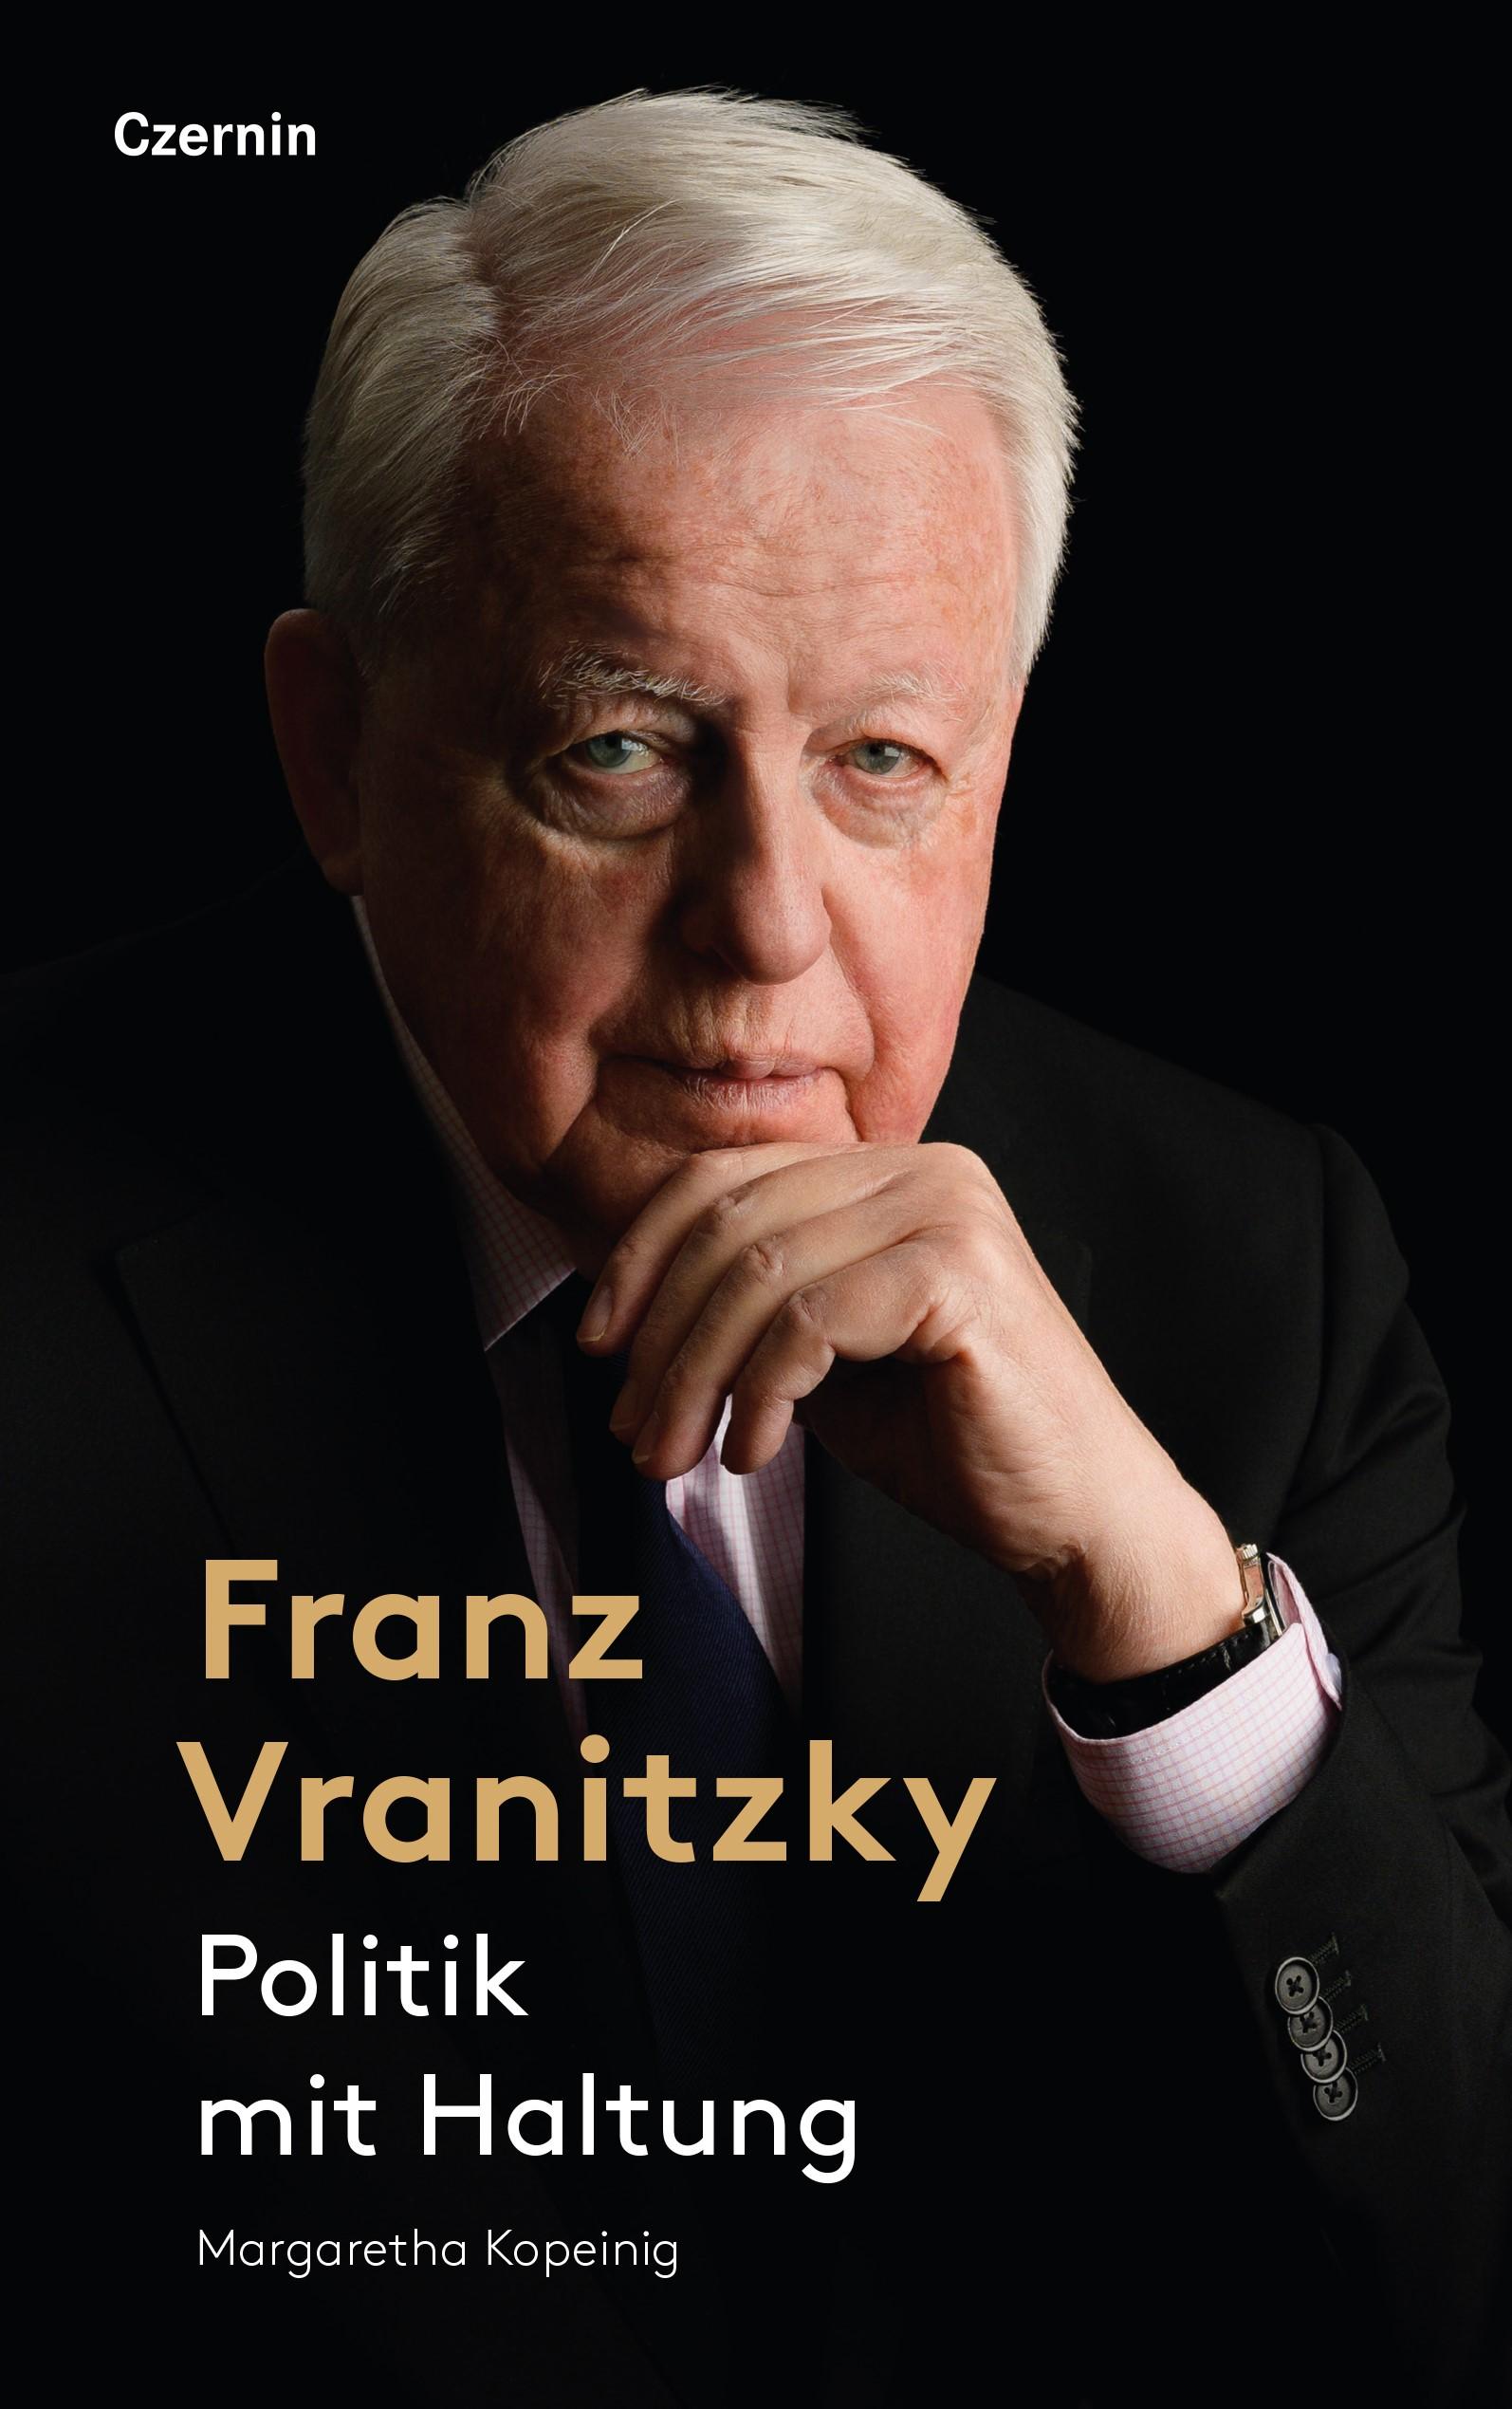 Franz Vranitzky: Politik mit Haltung